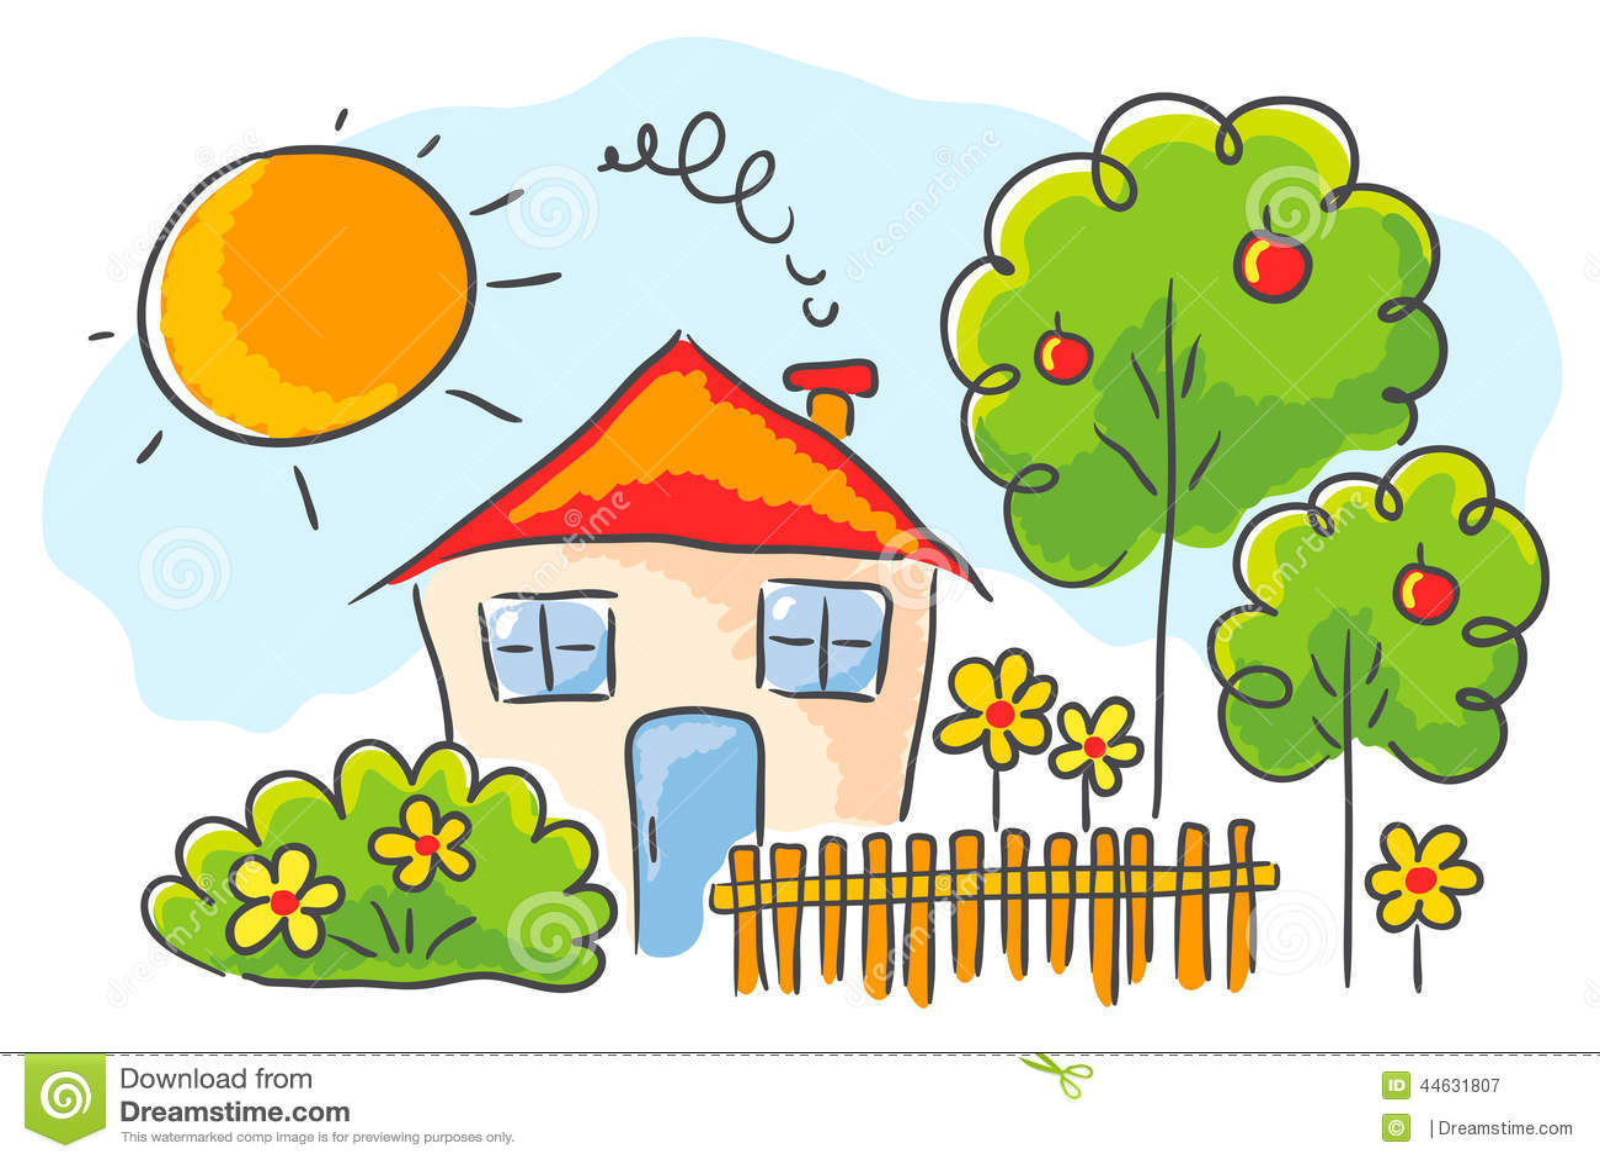 Disegno del s del bambino di una casa illustrazione for Casa disegno